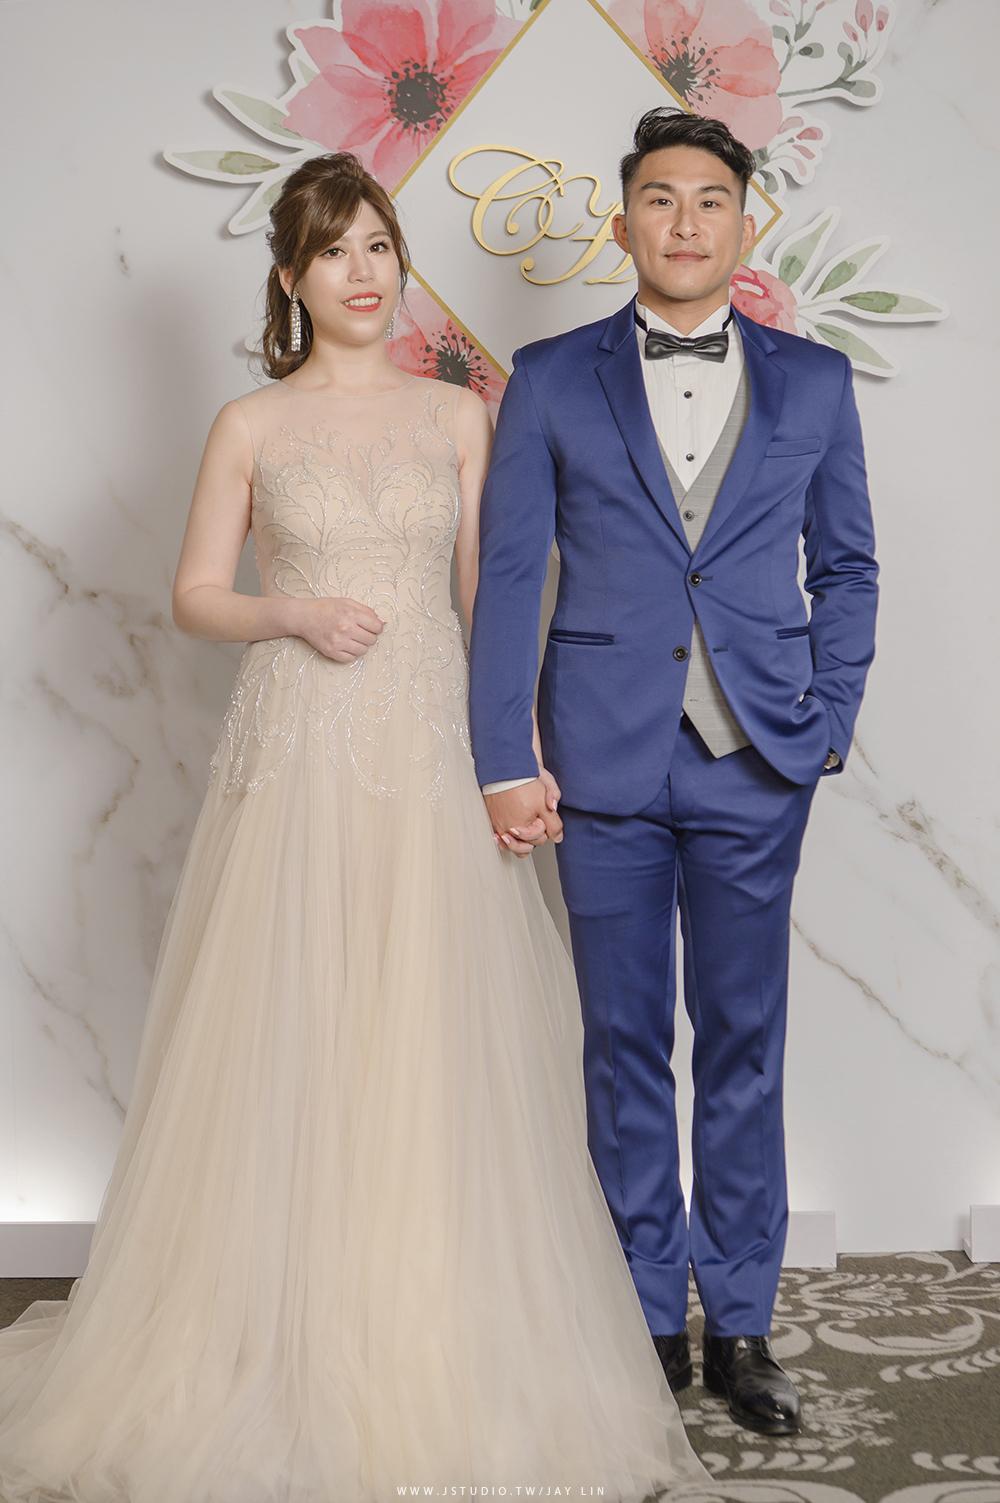 婚攝 台北婚攝 婚禮紀錄 婚攝 推薦婚攝 世貿三三 JSTUDIO_0129